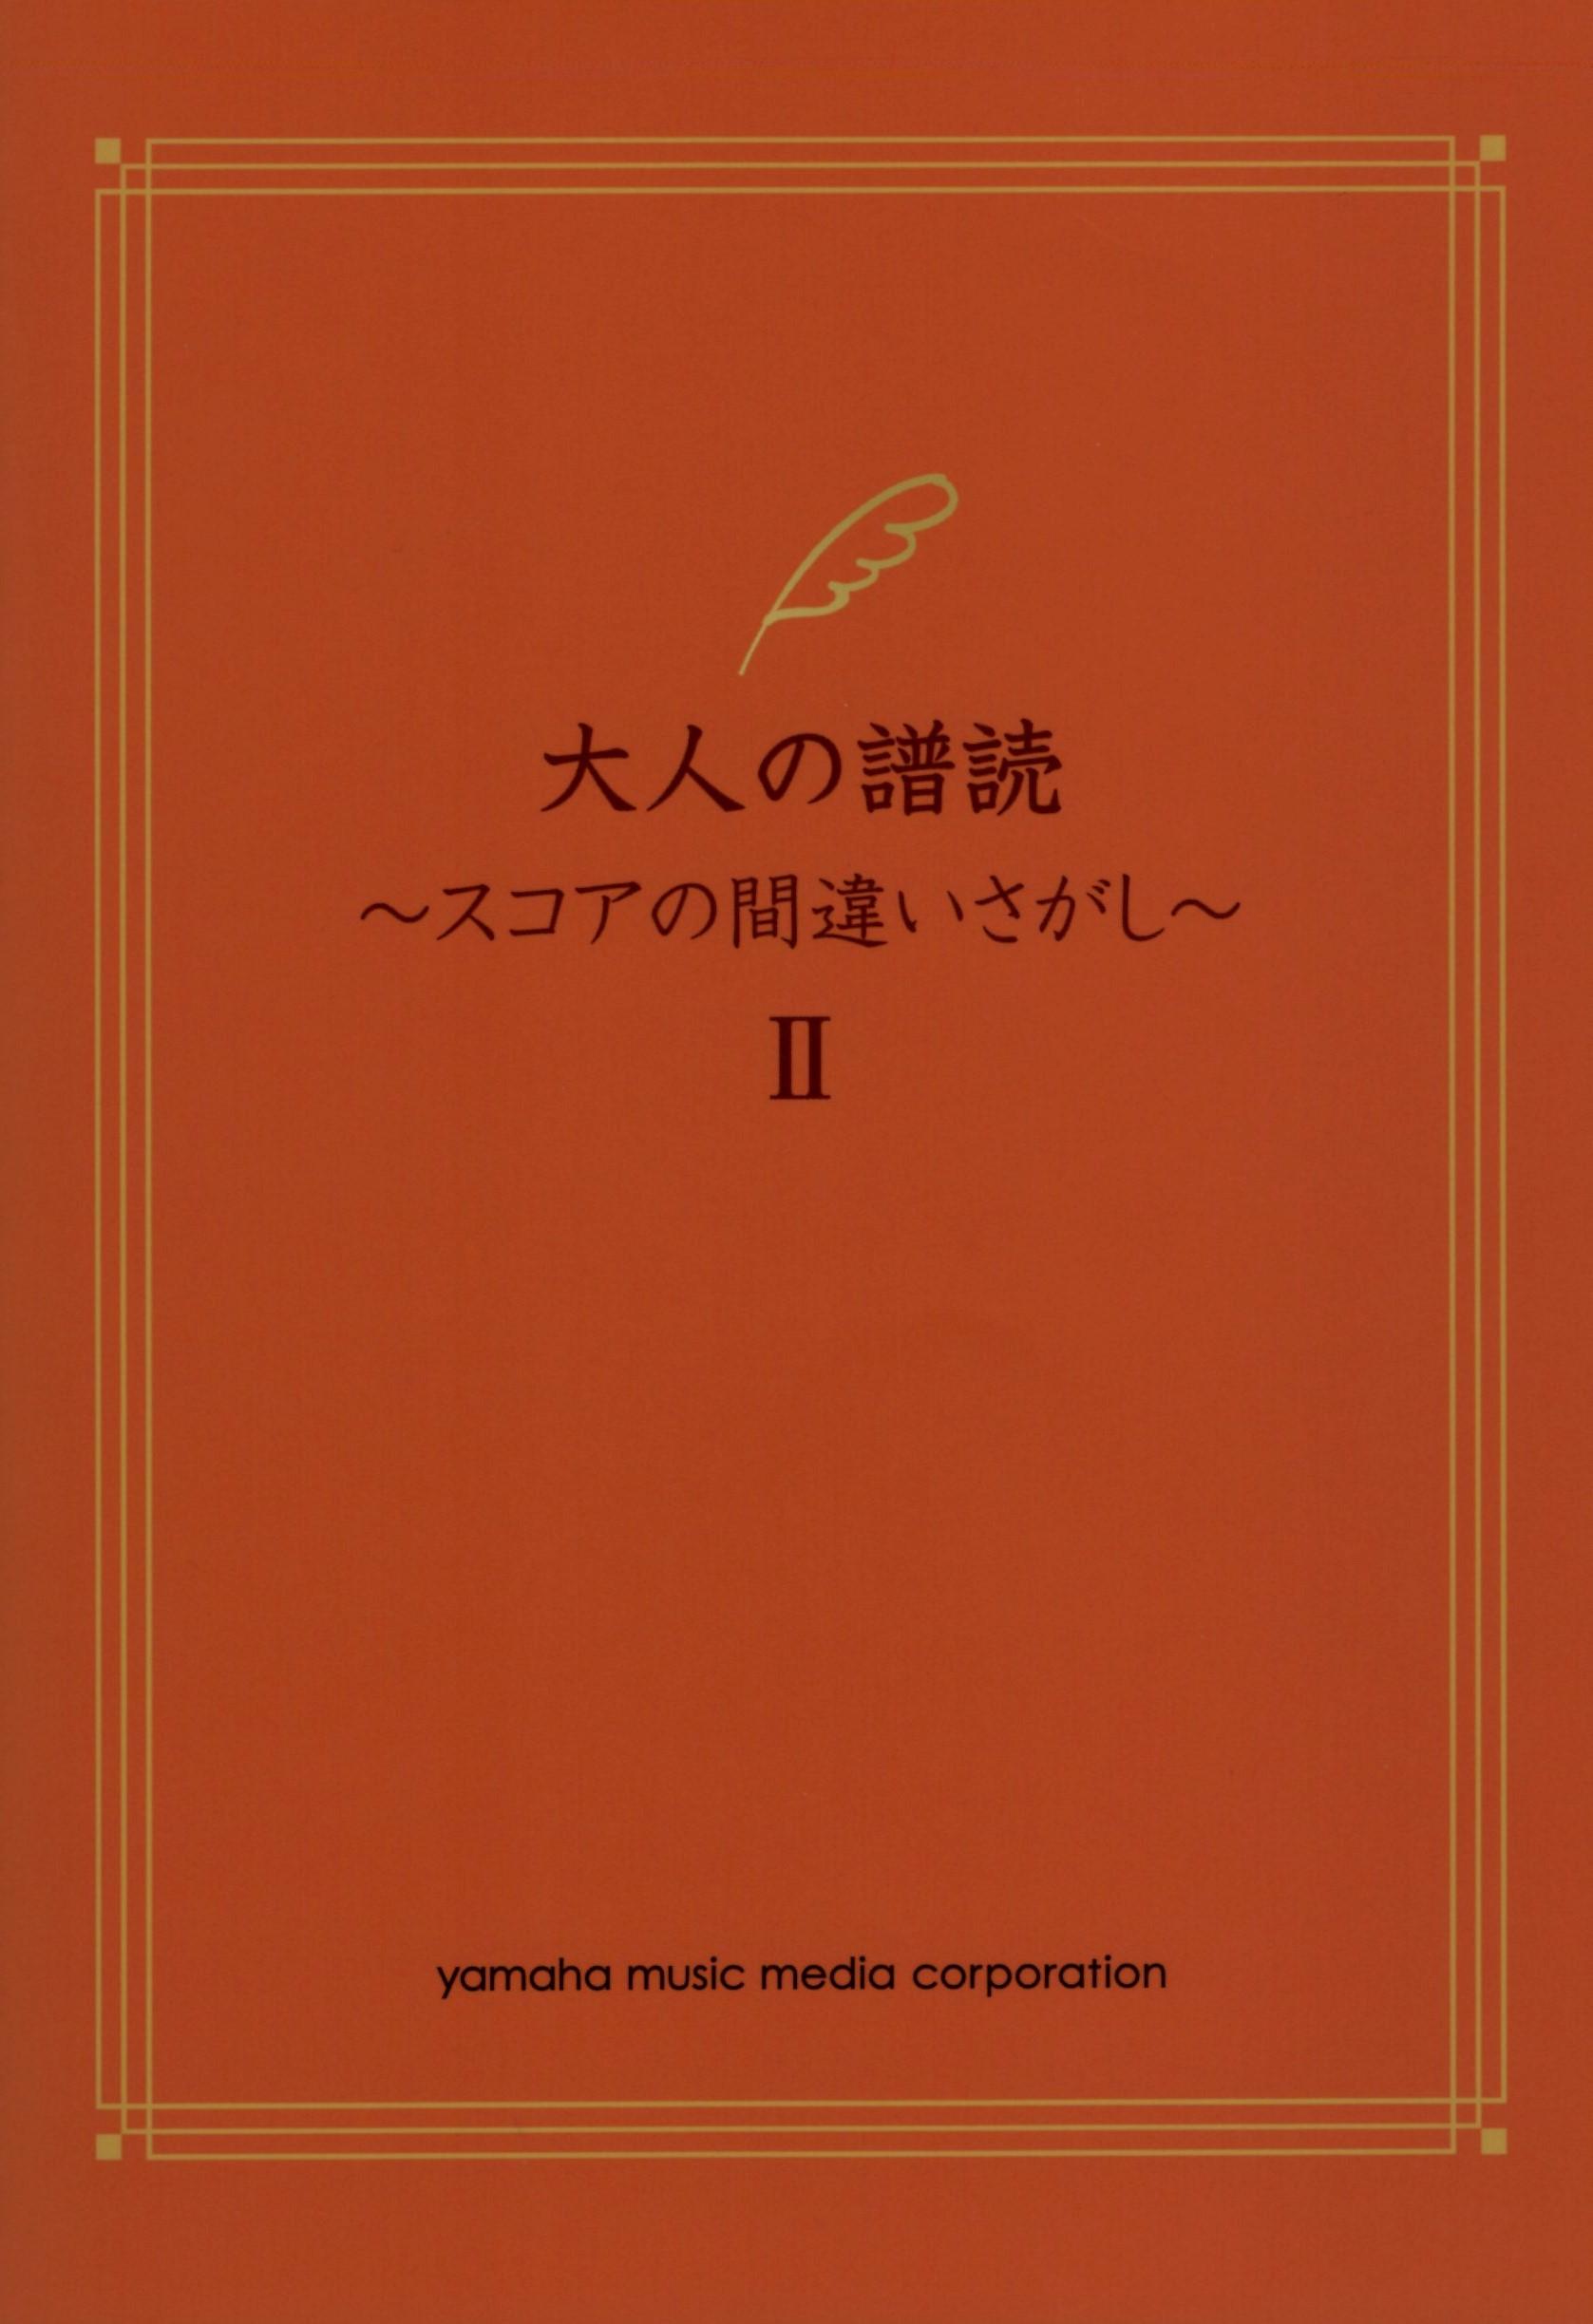 【樂團總譜口袋樂譜】大人の譜読 ~スコアの間違いさがし 2